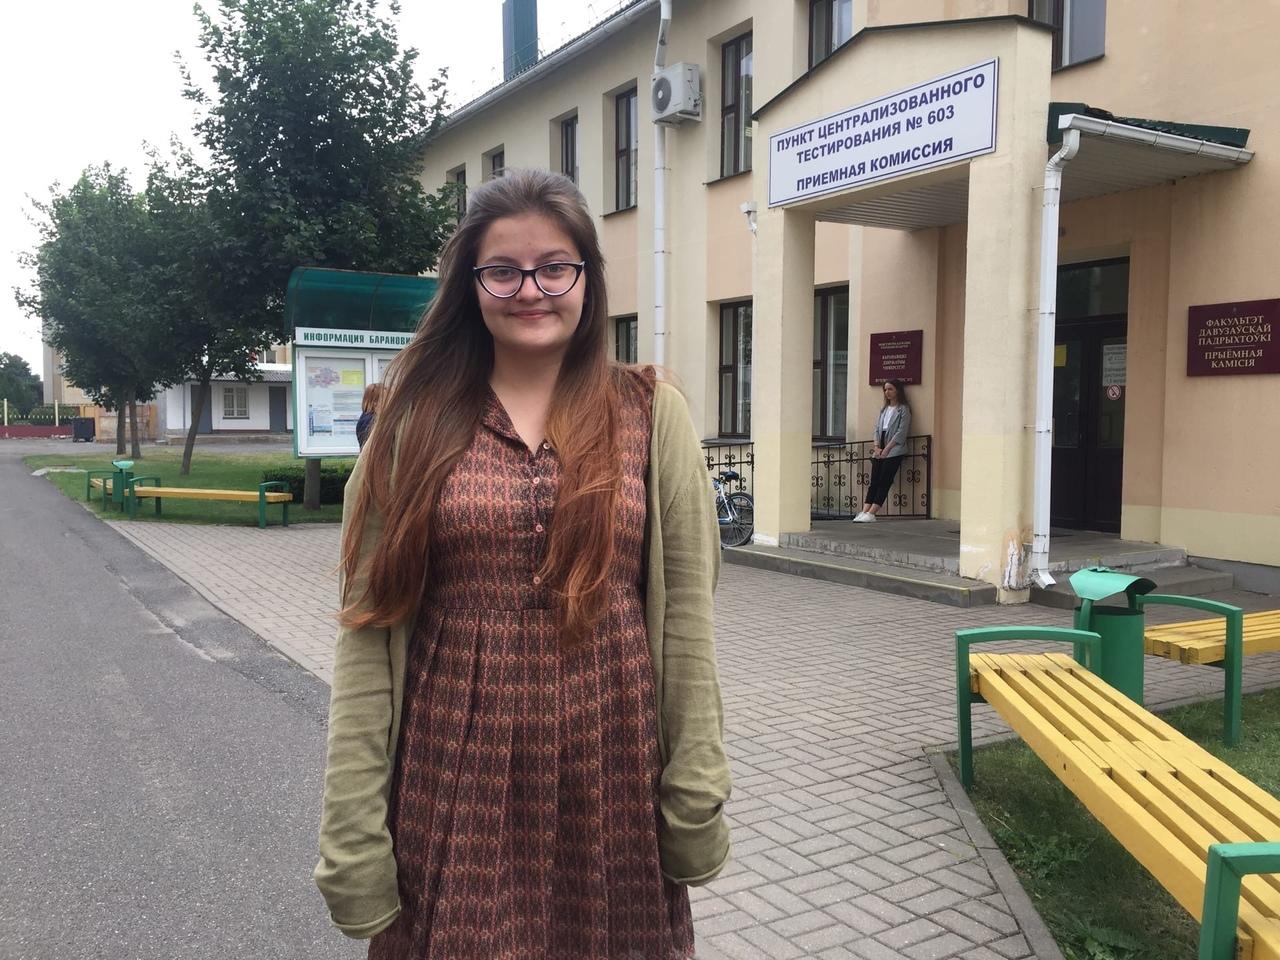 Абитуриентка Дарья Гамазова. Фото: Диана КОСЯКИНА